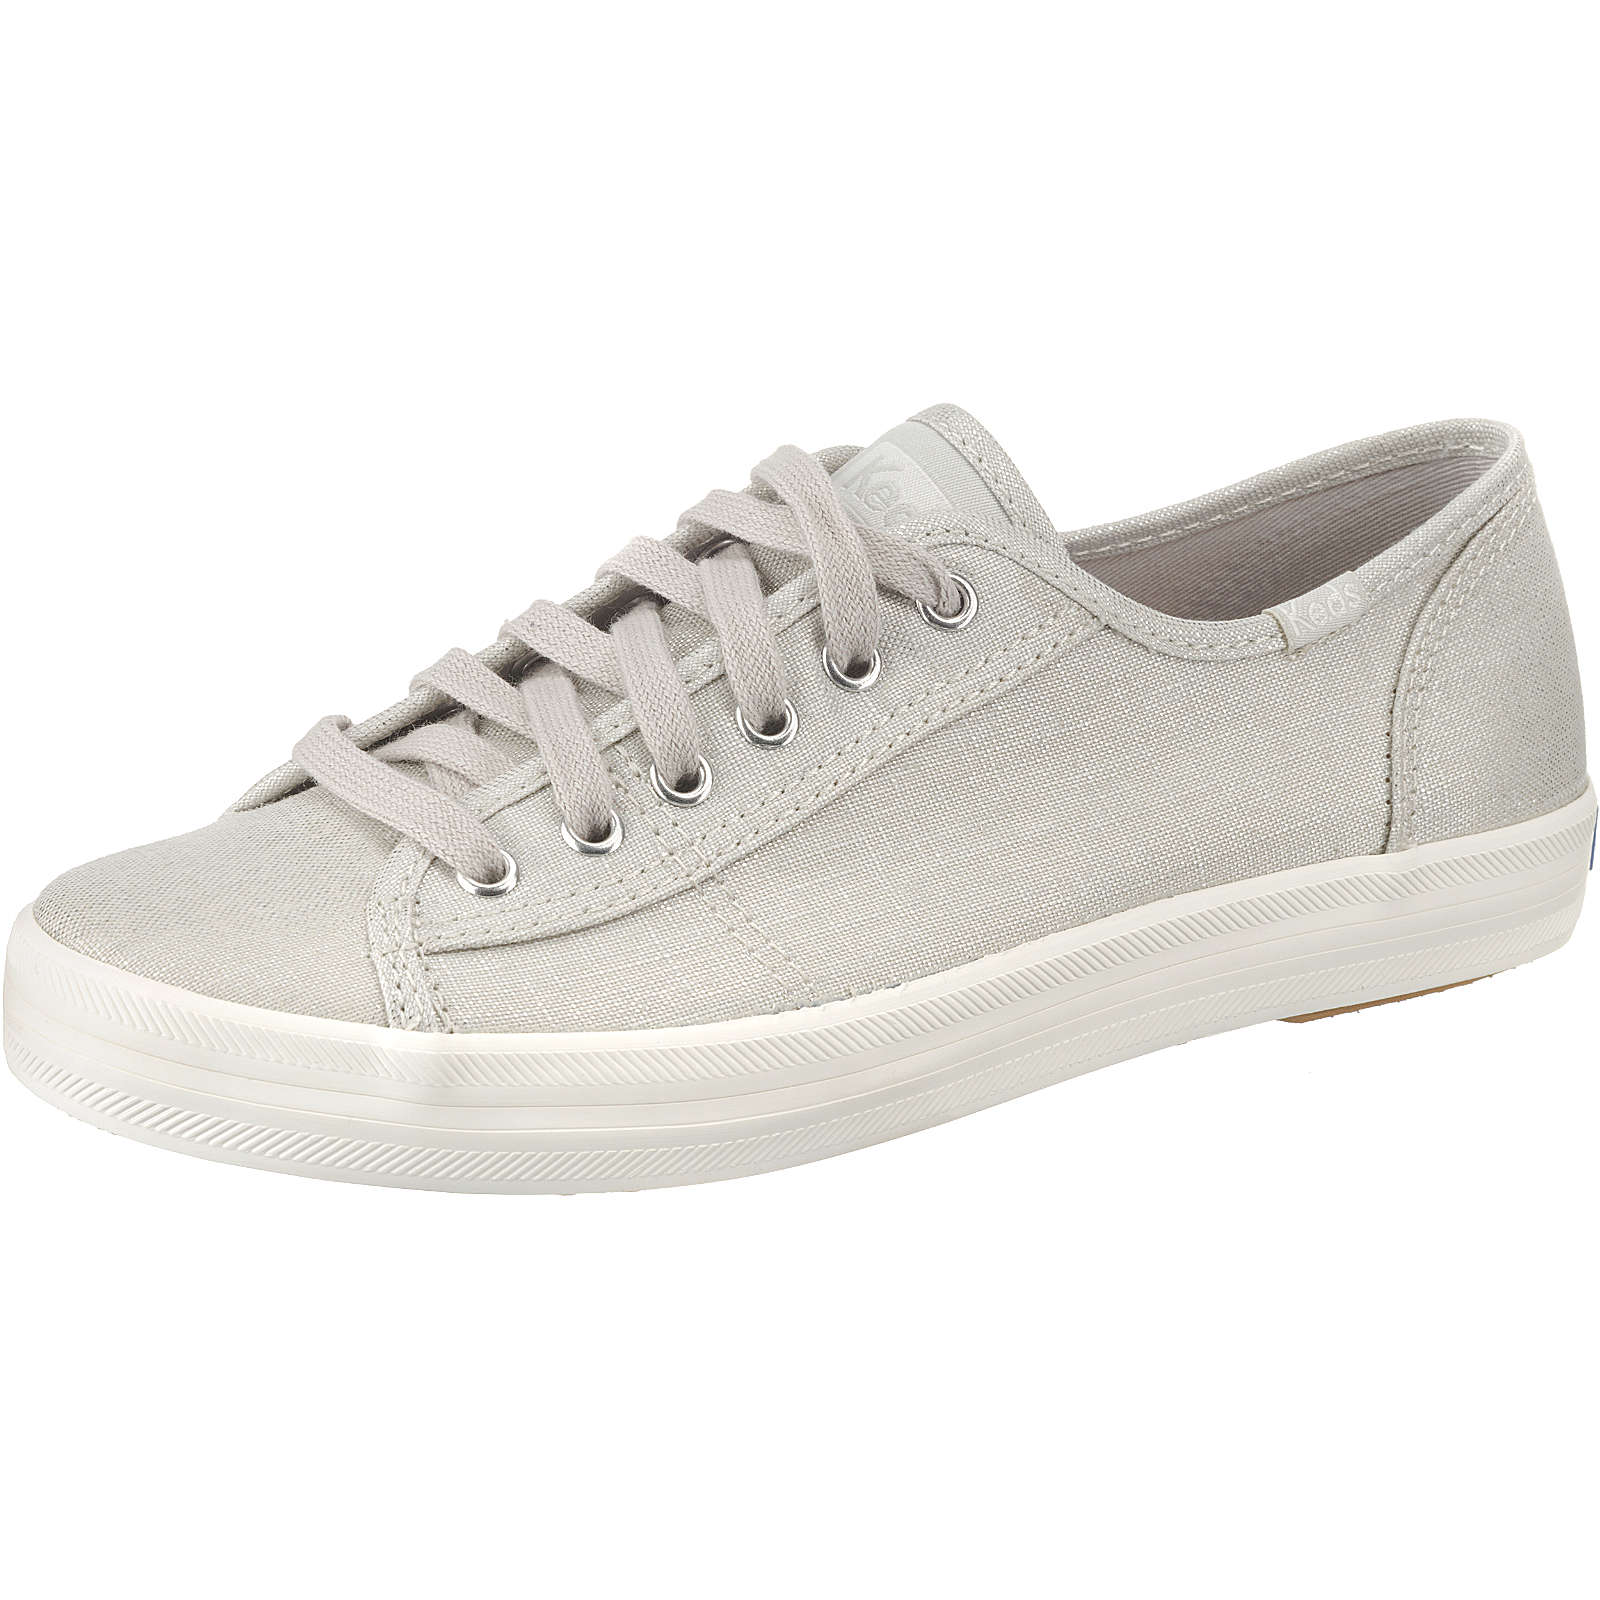 Keds Kickstart Metallic Linen Silver Sneakers Low silber Damen Gr. 38